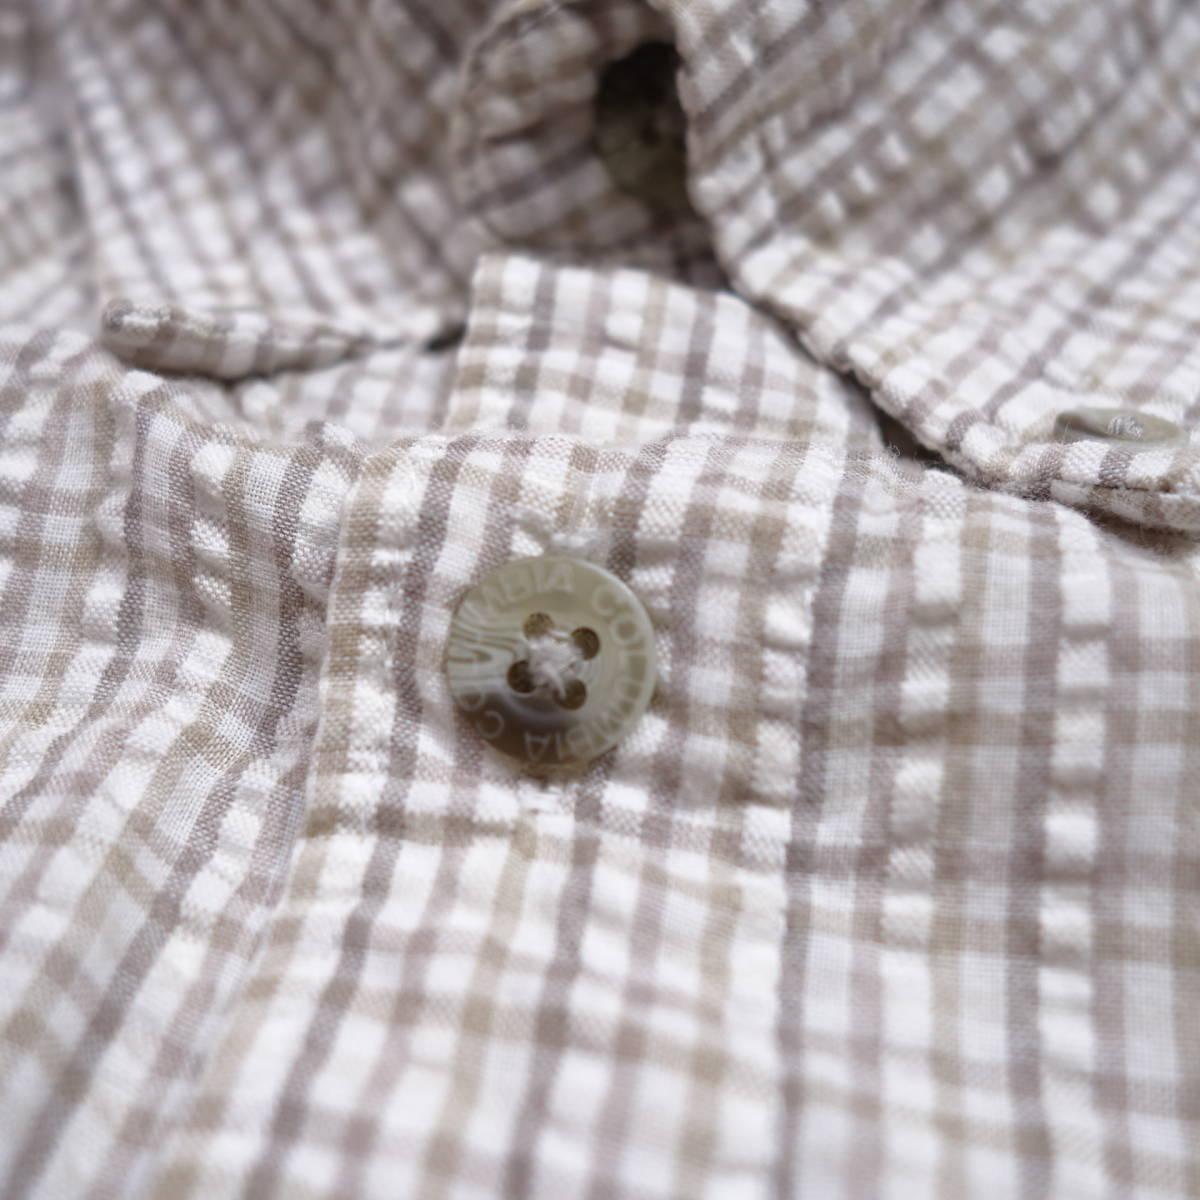 コロンビア Columbia チェックシャツ 半袖 メンズ XL 大きいサイズ ボタンダウン シワ加工 Yシャツ アメリカ USA直輸入 古着 MNO-3-6-0003_画像7